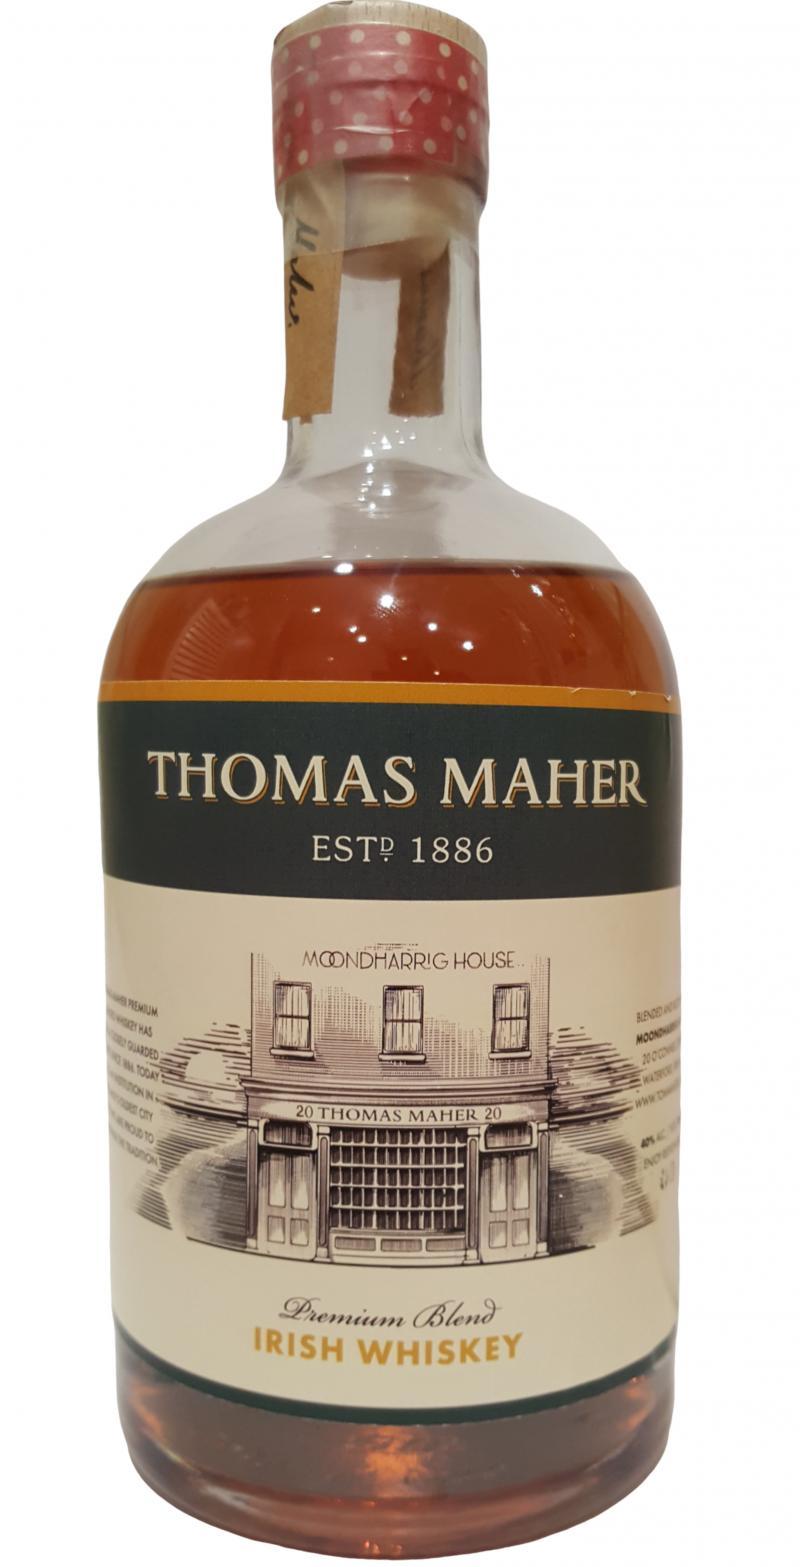 Thomas Maher Premium Blend